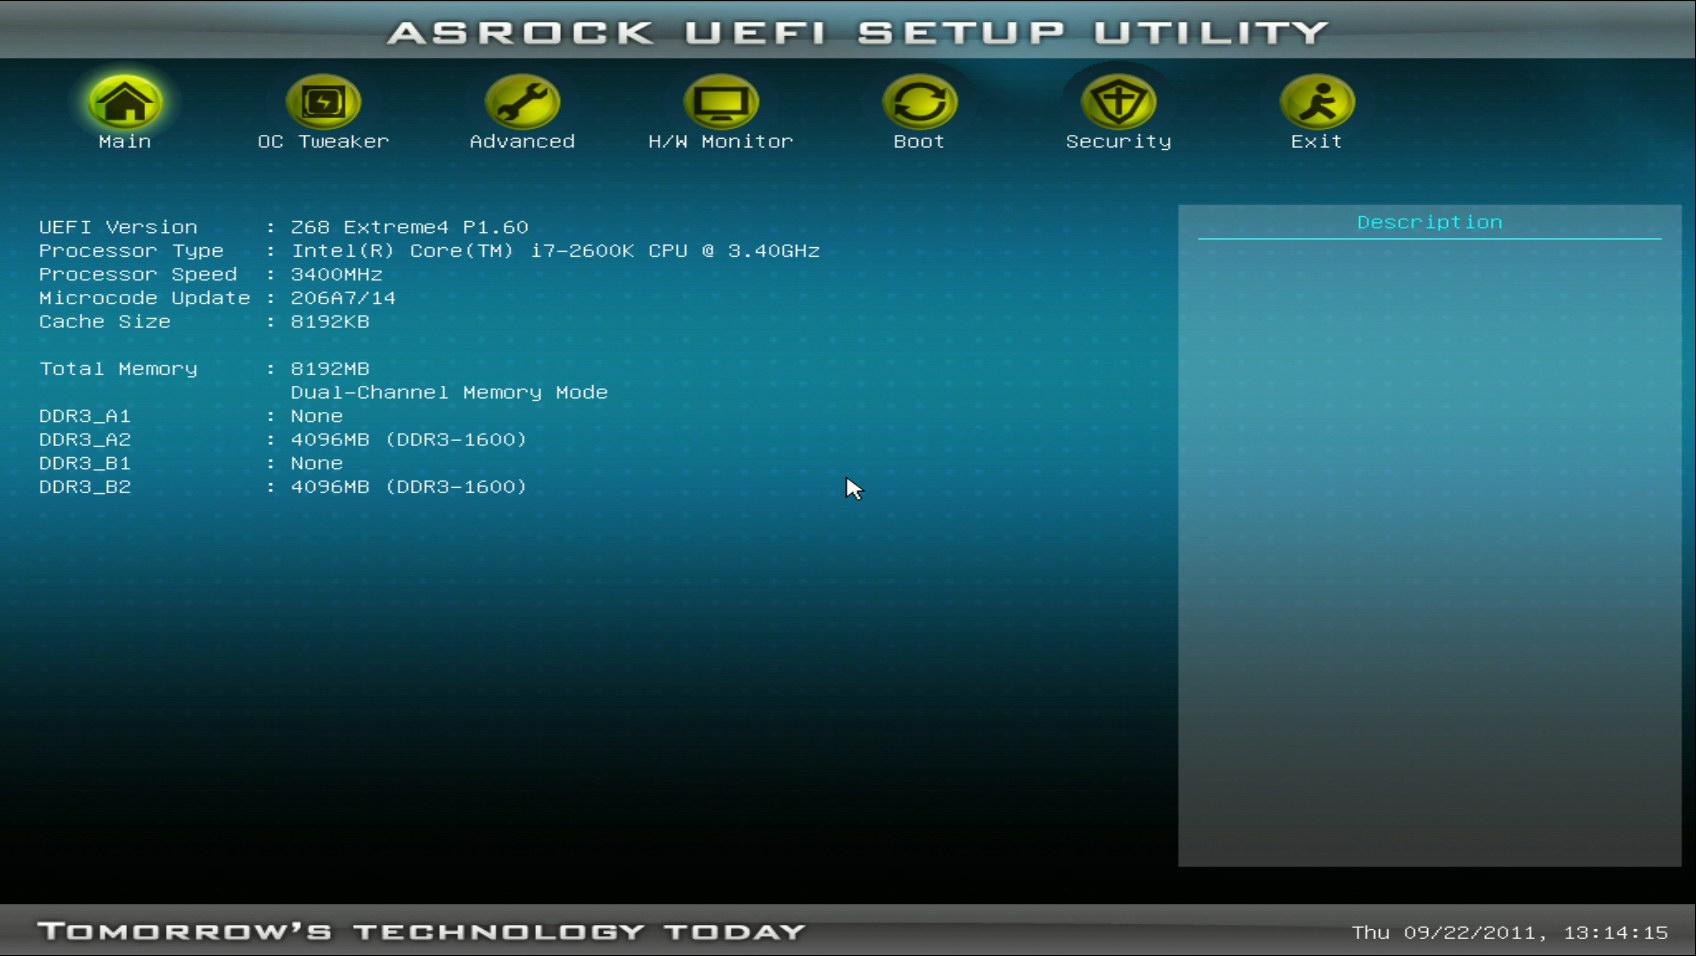 V-razdele-Main-otobrazhaetsya-harakteristika-processora-i-pamyati-PK.jpg